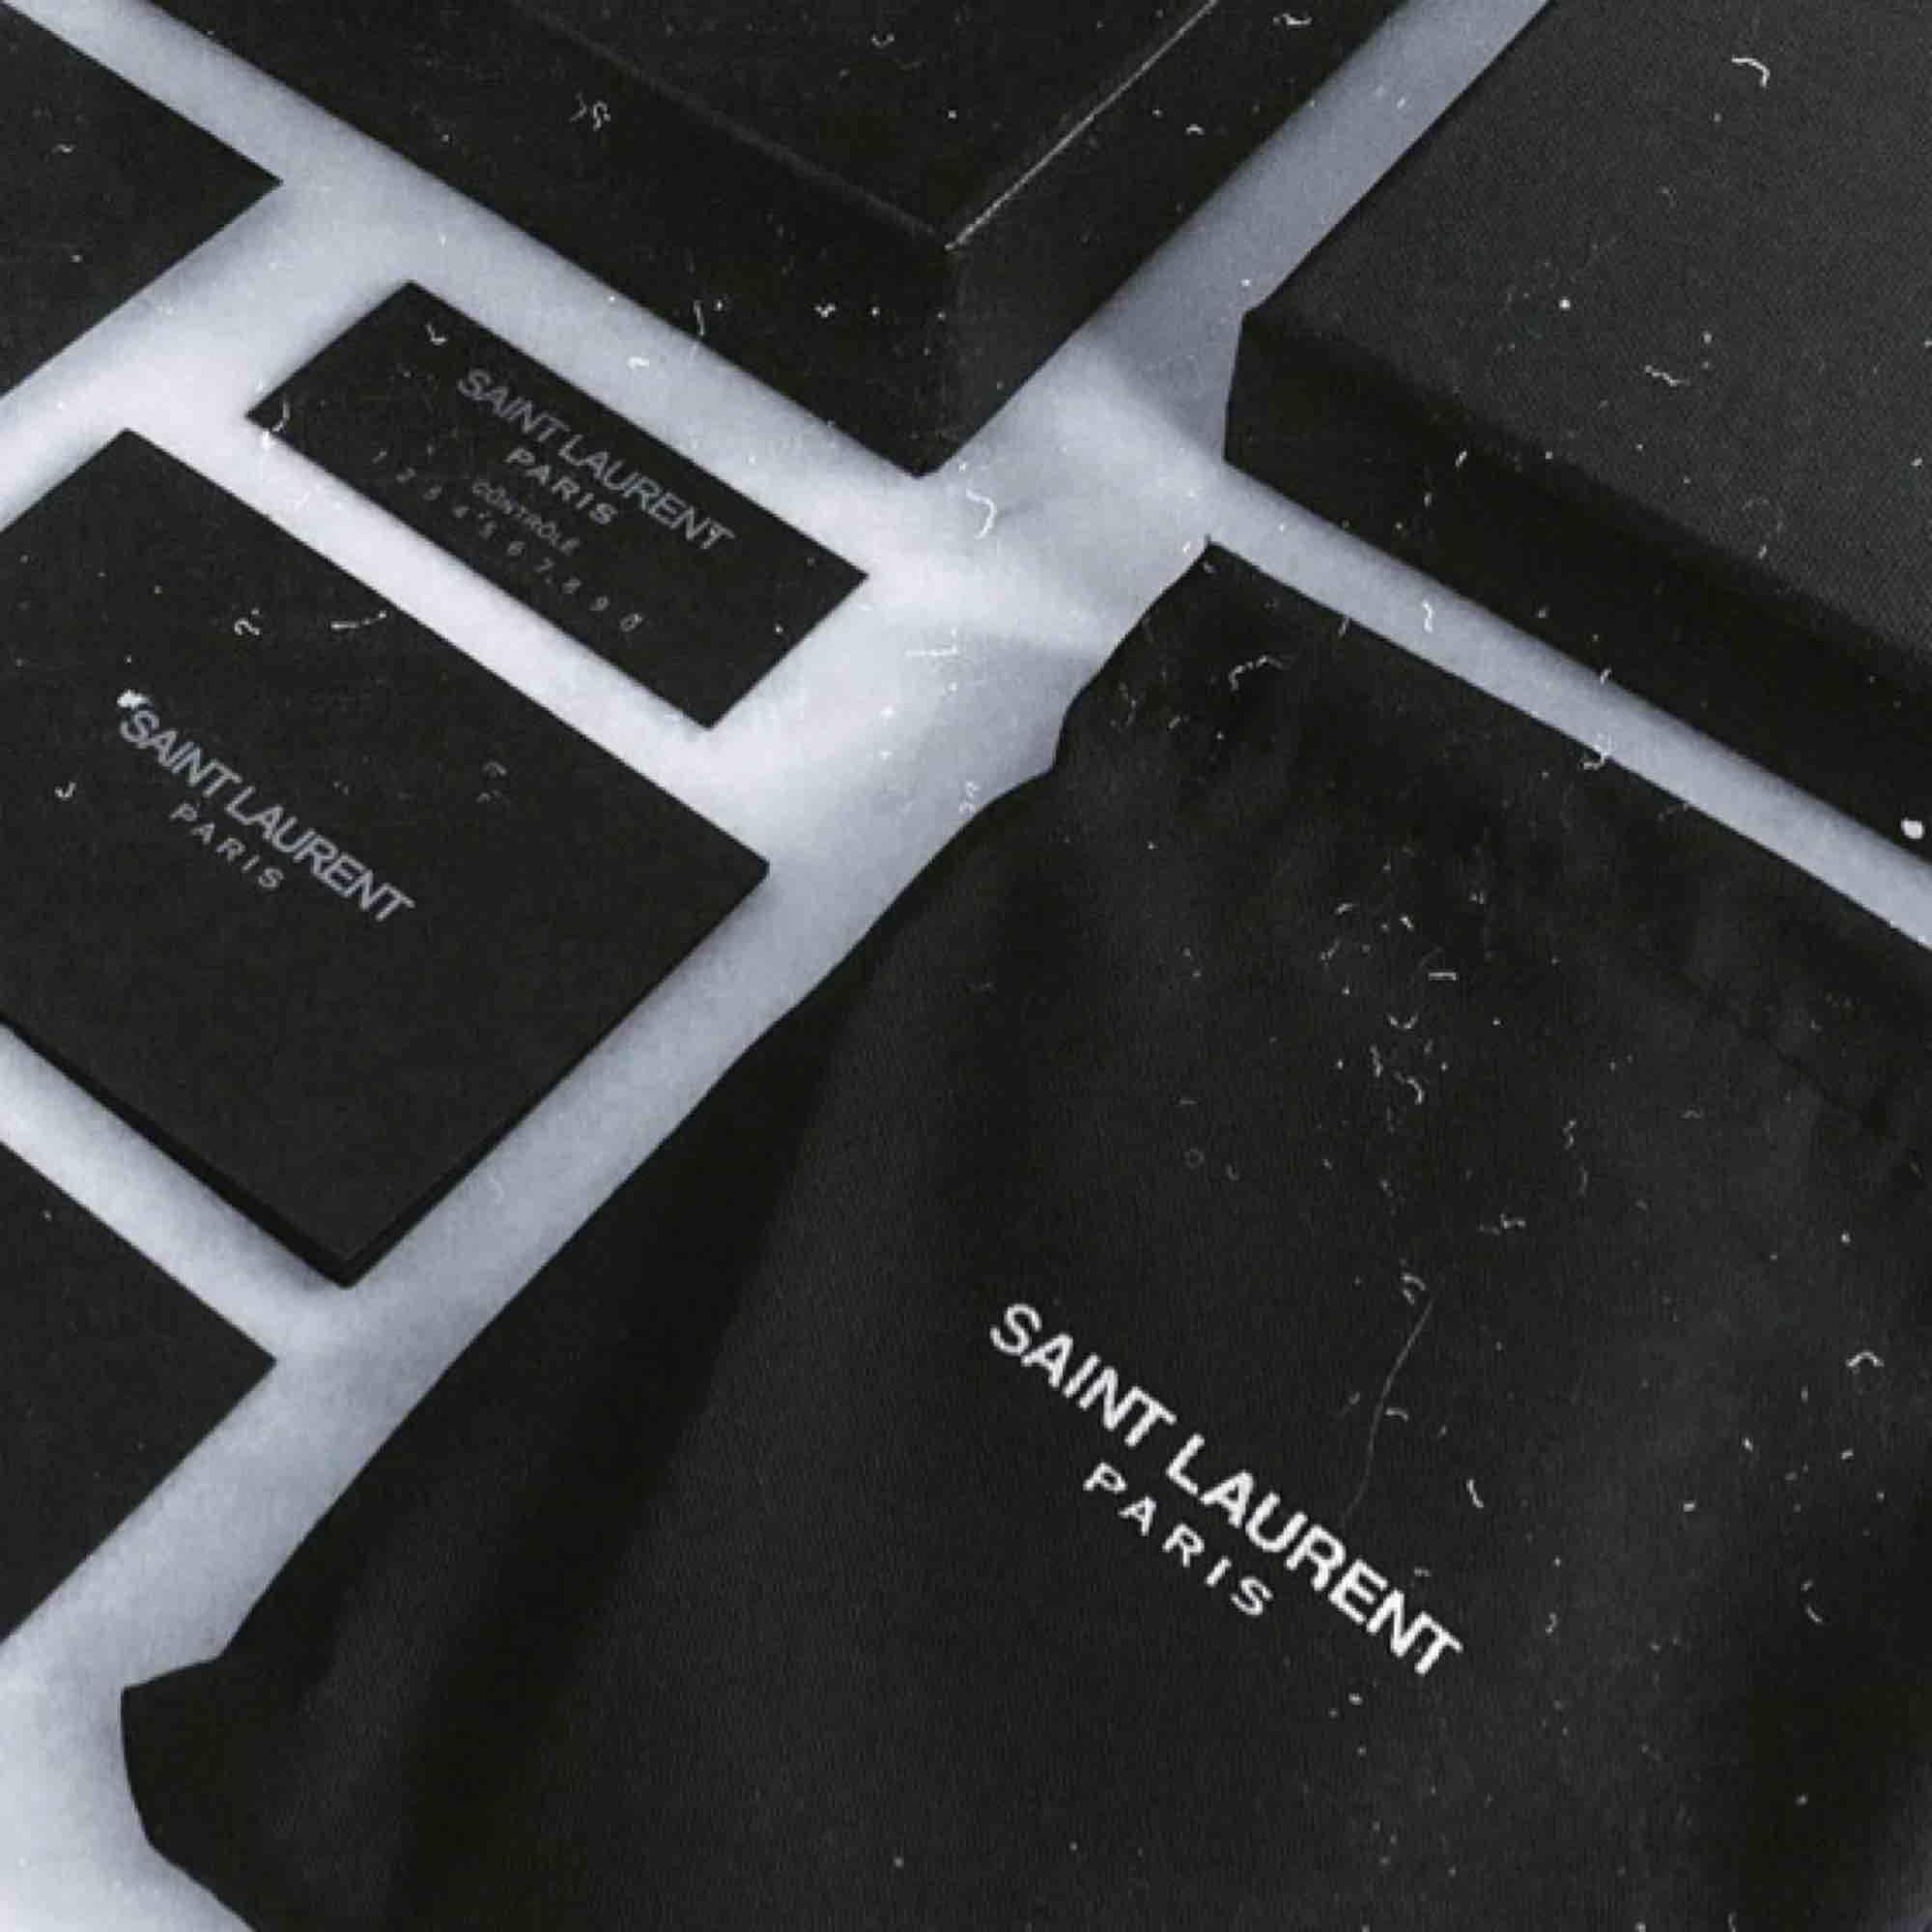 YSL / Saint Laurent plånbok/korthållare.  5 fickor för kort och ett fack med dragkedja för mynt/sedlar.  Riktigt bra kvalité, oanvänd och kommer med box, dust bag och Saint Laurent kort. I mitt pris så bjuder jag på frakten! :). Accessoarer.